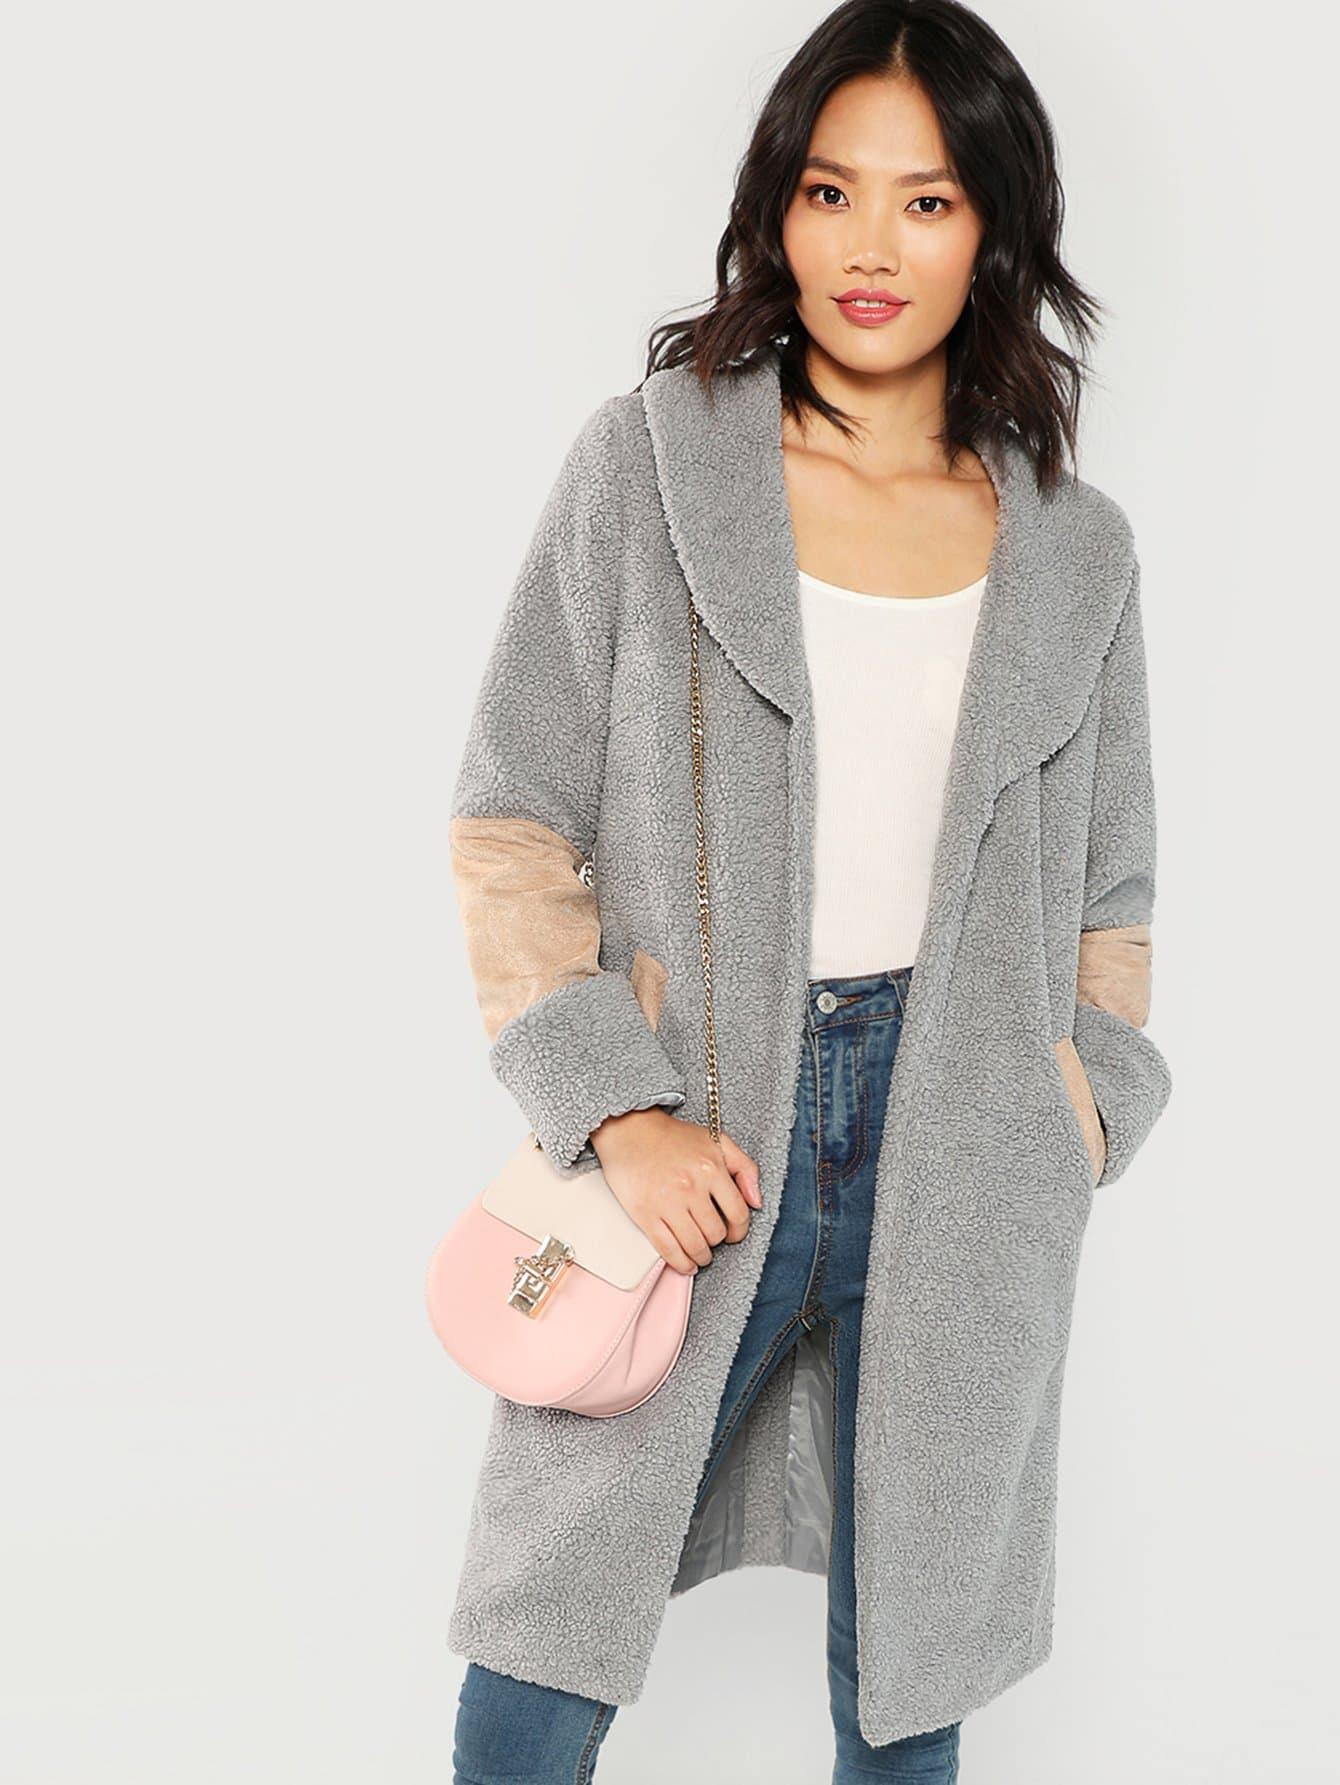 Купить Контрастное длинное плюшевое пальто с плащом вырезом, Meng Zheng, SheIn